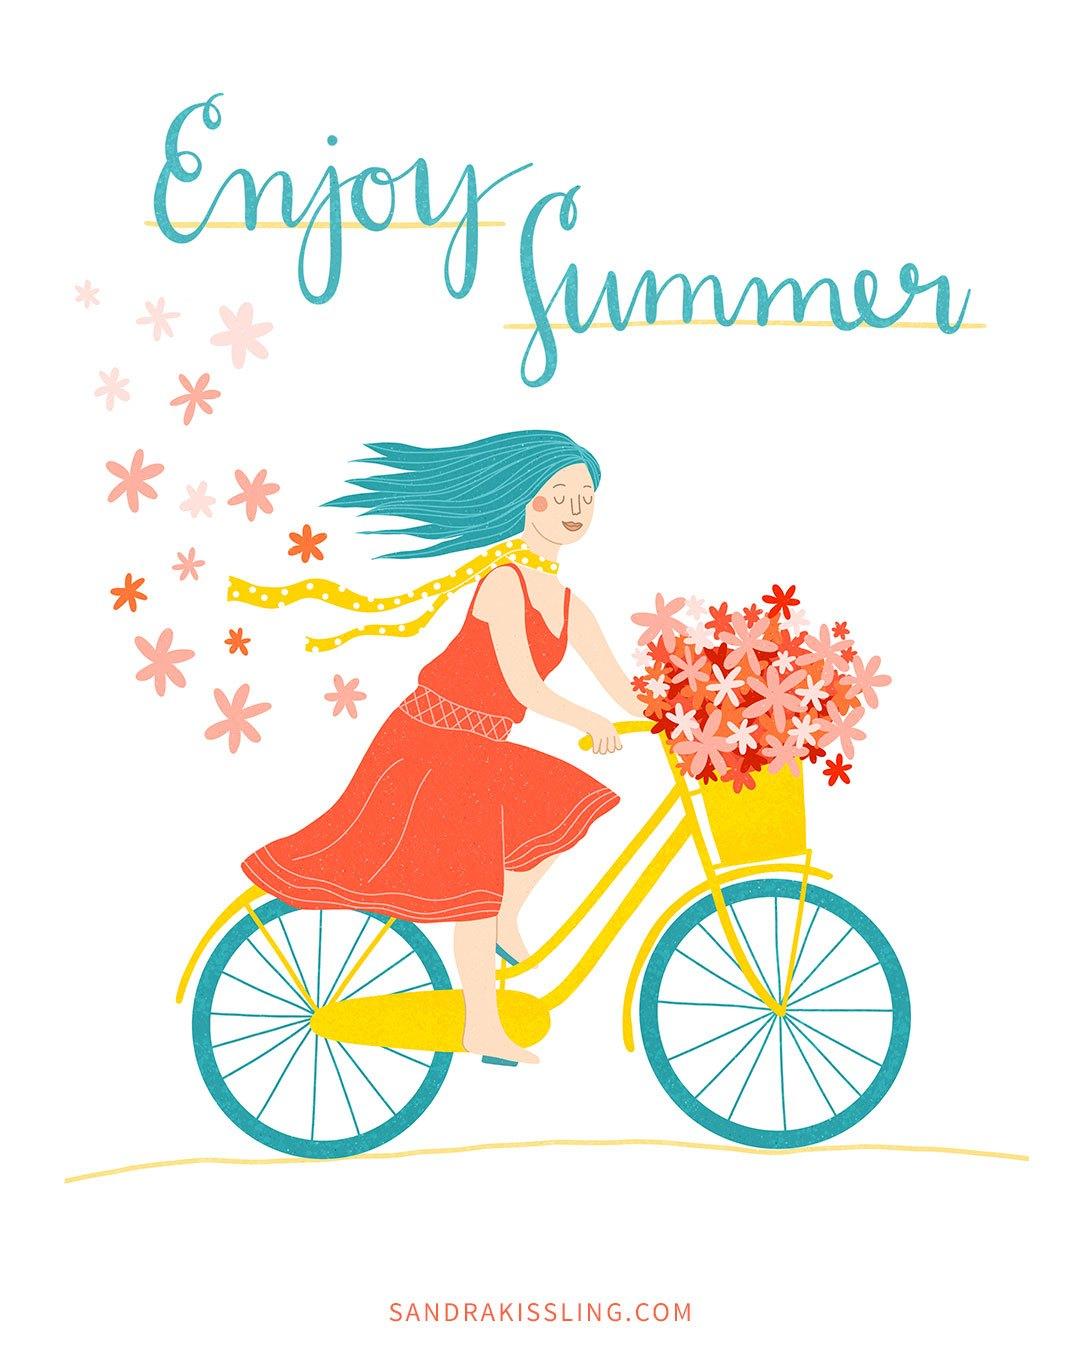 enjoy-summer-illustration.jpg